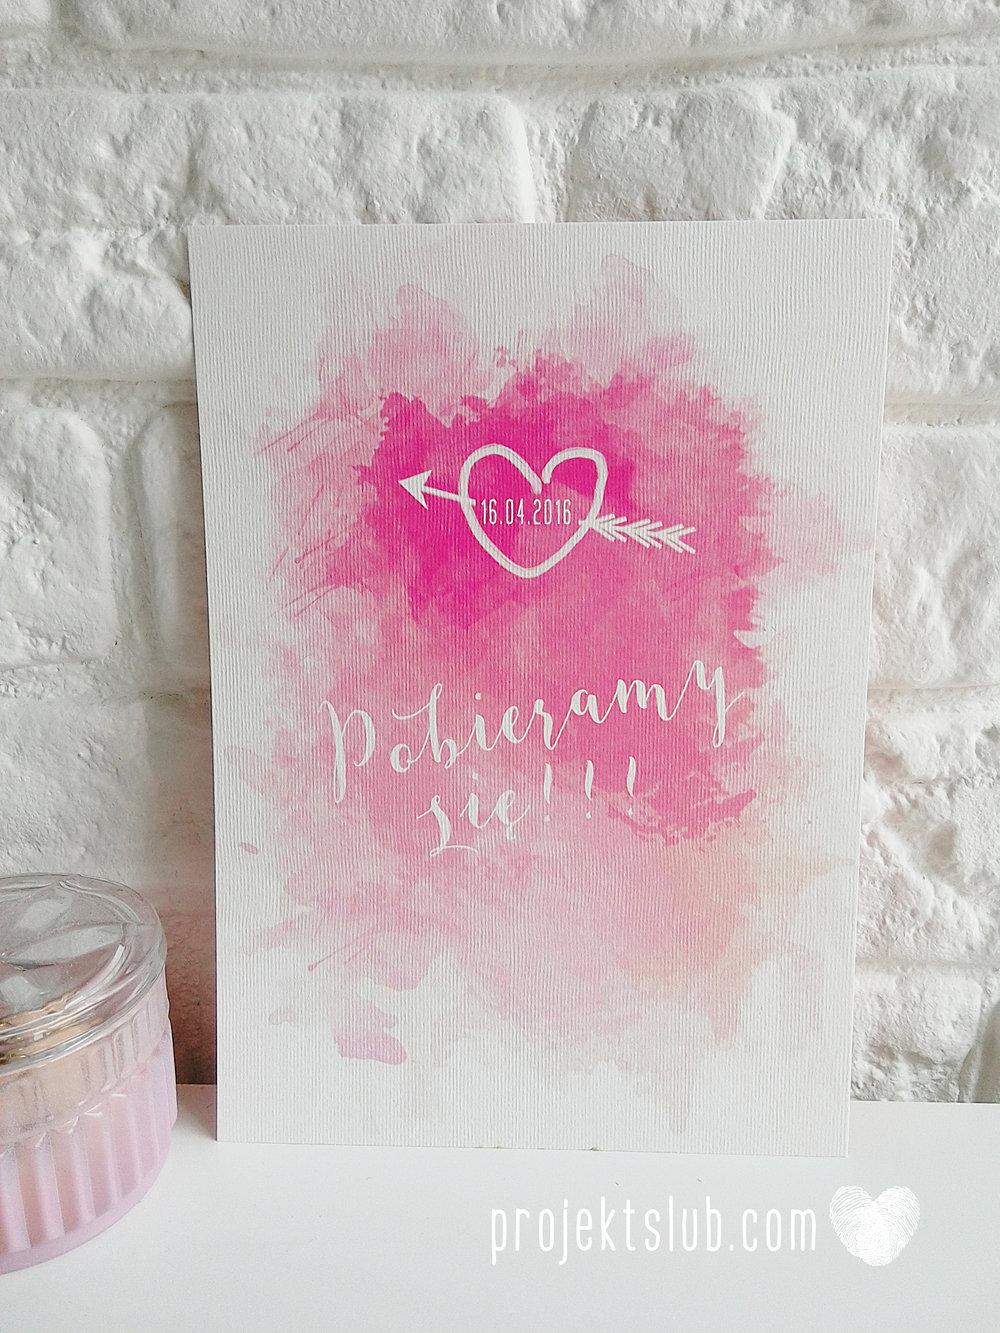 Zaproszenia Ślubne Boho Rustic Eko Oryginalne Wyjątkowe Rustykalne Sznurek Akwarelowe Róż Ombre Projekt Ślub (10).jpg